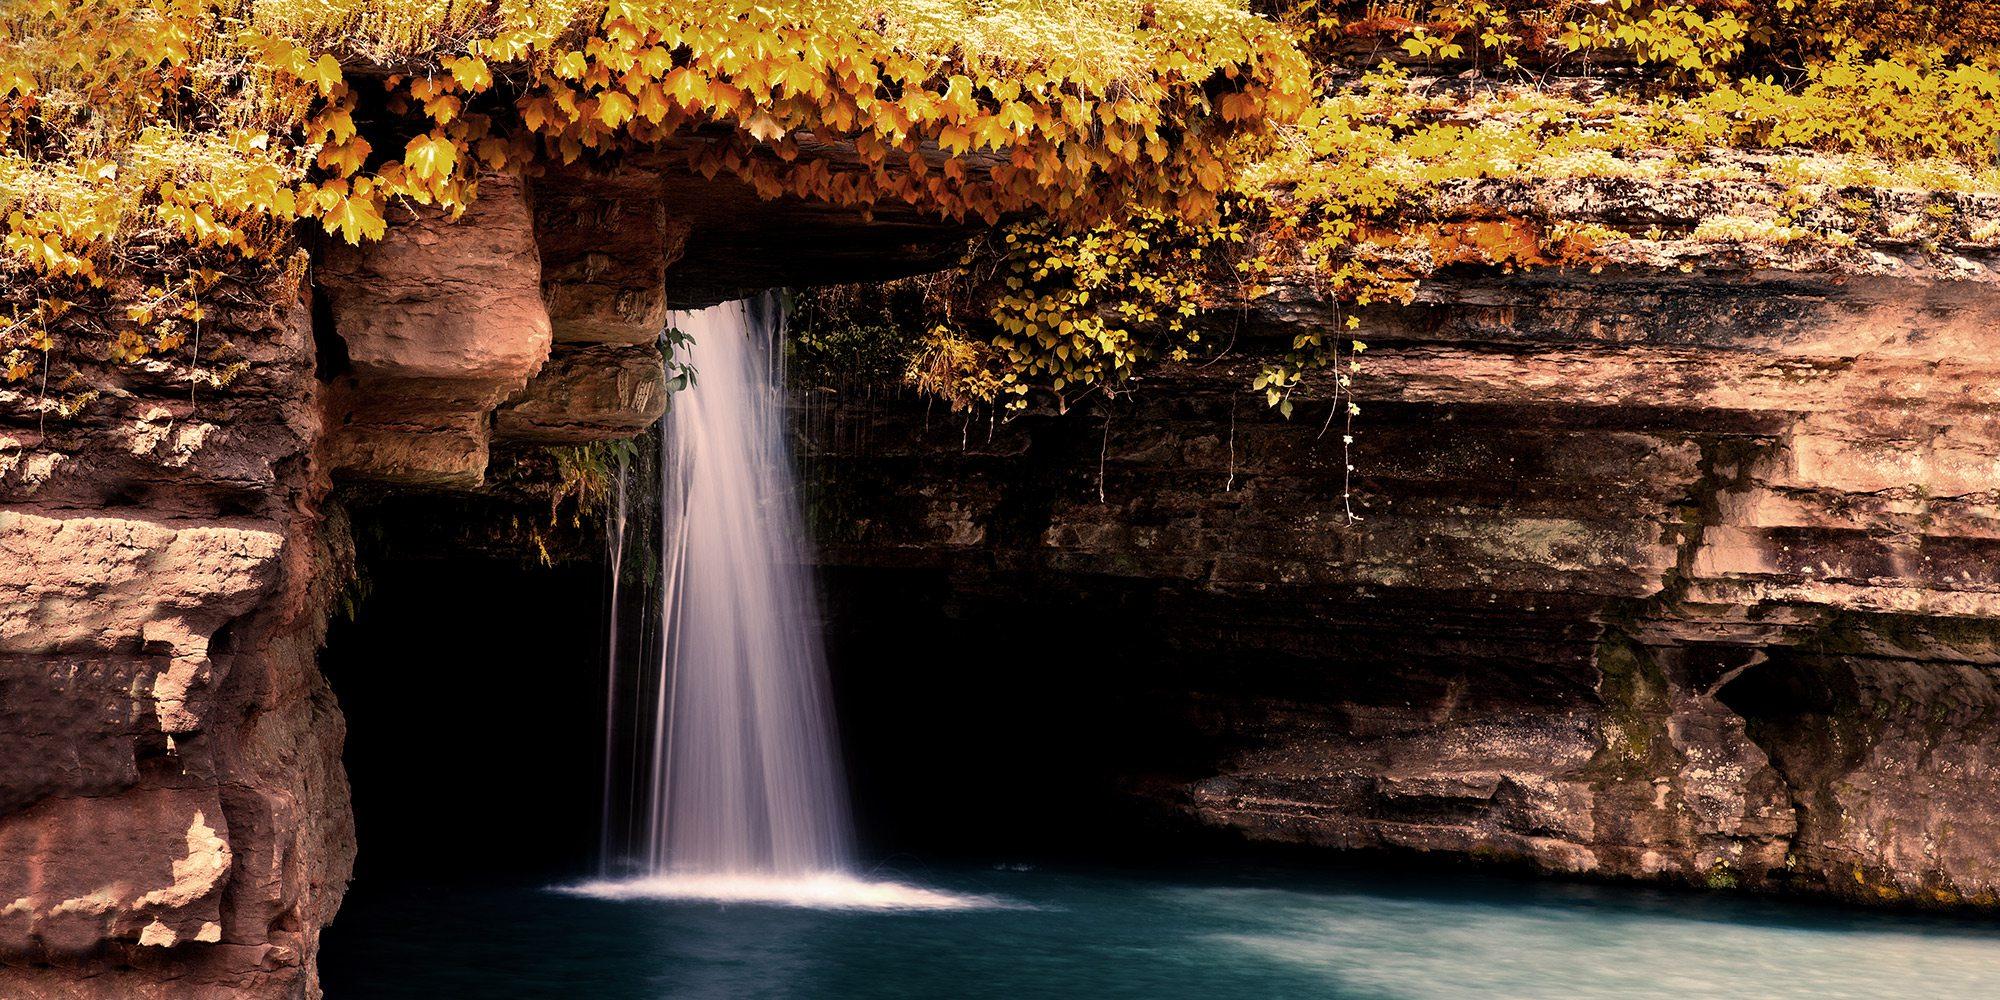 Glory Hole Waterfall at Dogwood Canyon in Missouri